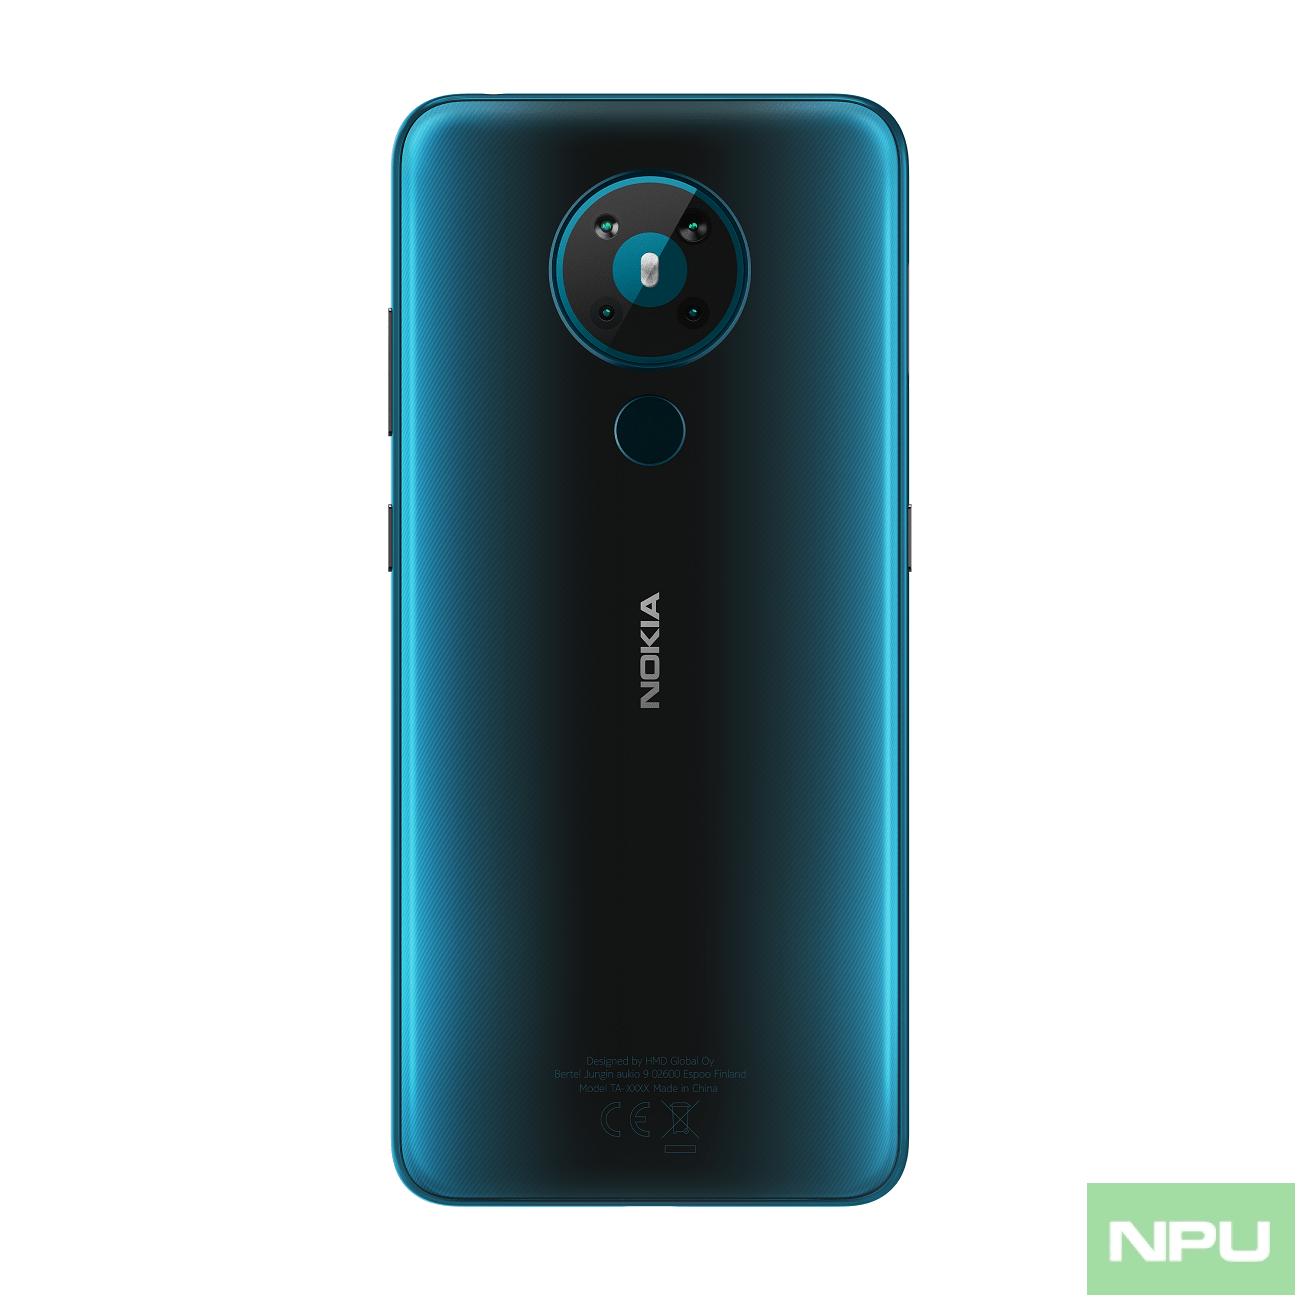 Инсайдеры раскрыли подробности о среднебюджетном Nokia 6.3 новости,смартфон,статья